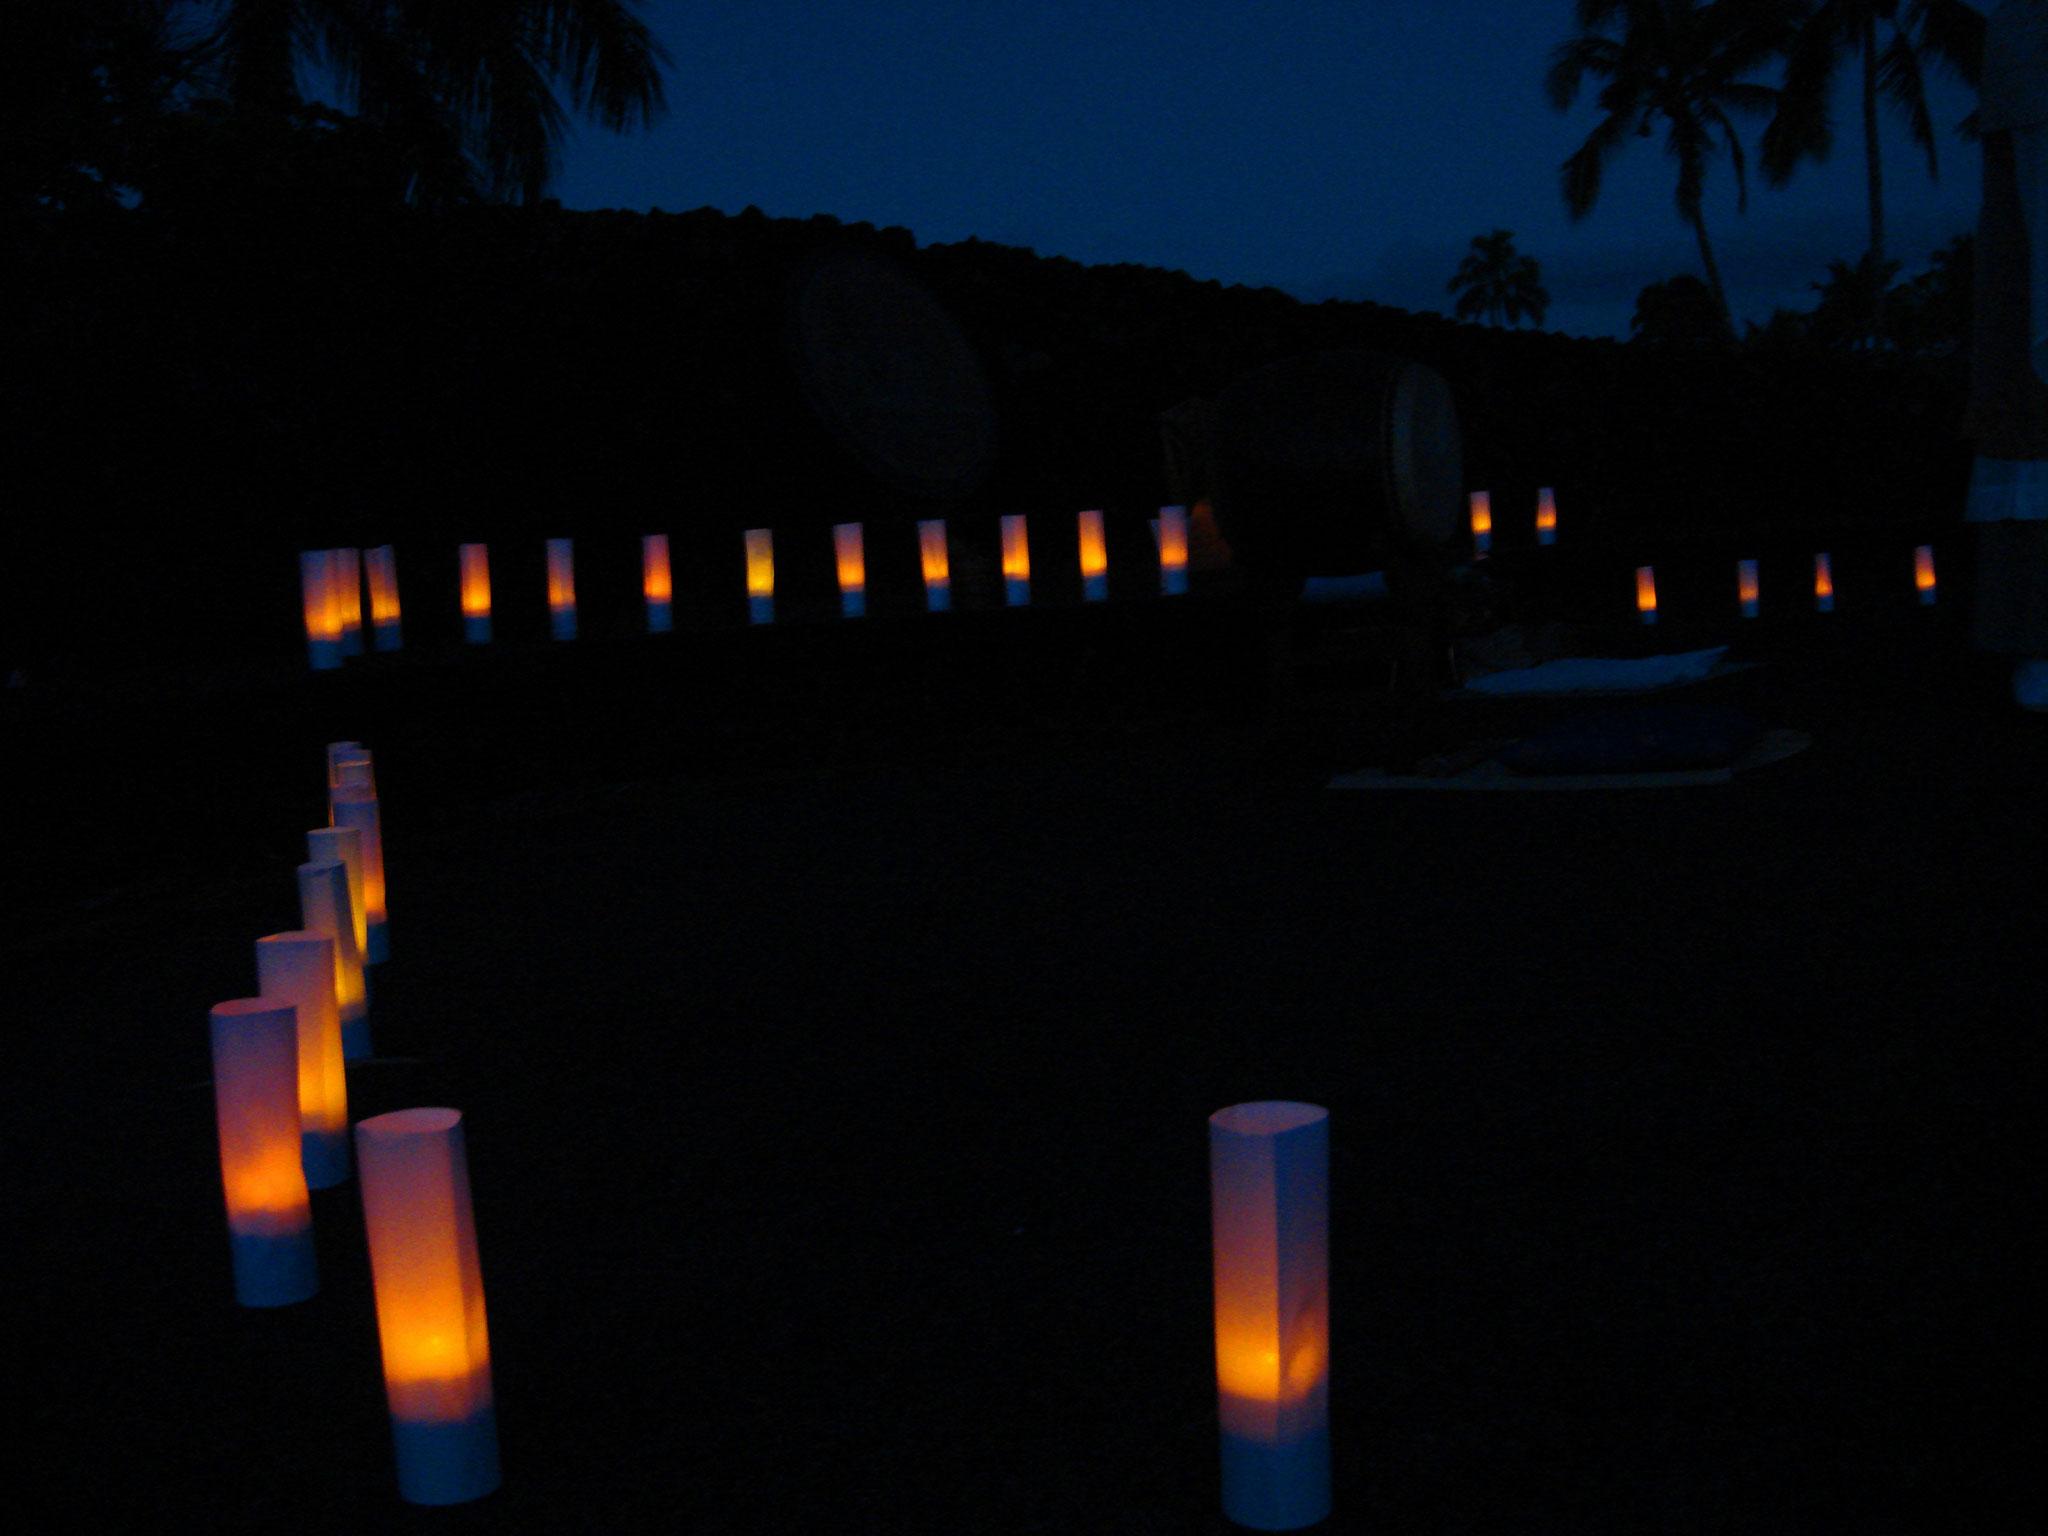 津波追悼中心部での法要